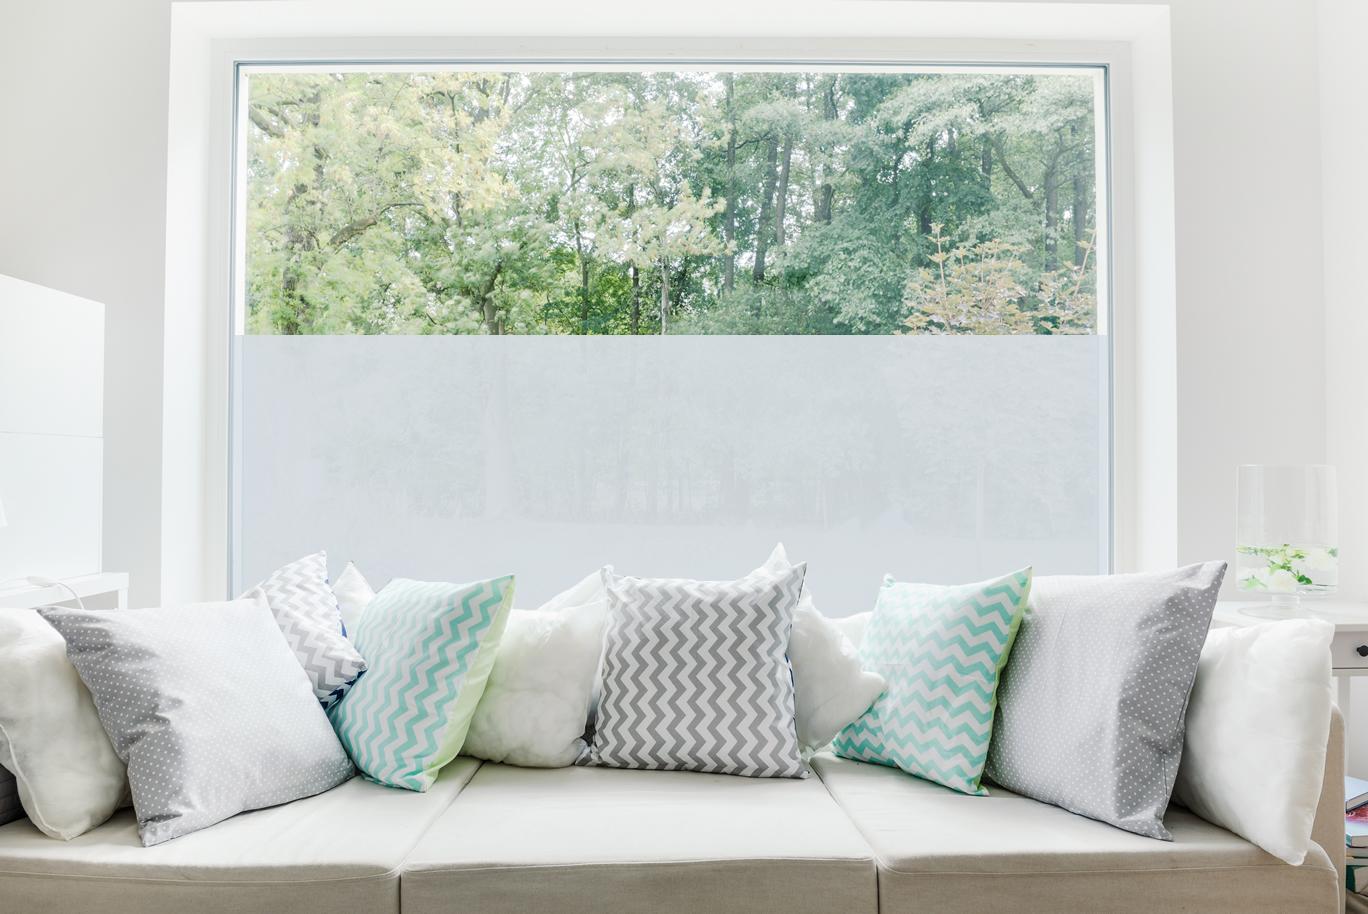 Pellicola adesiva per decorazione vetri opacizzante basic for Pellicola adesiva per vetri ikea